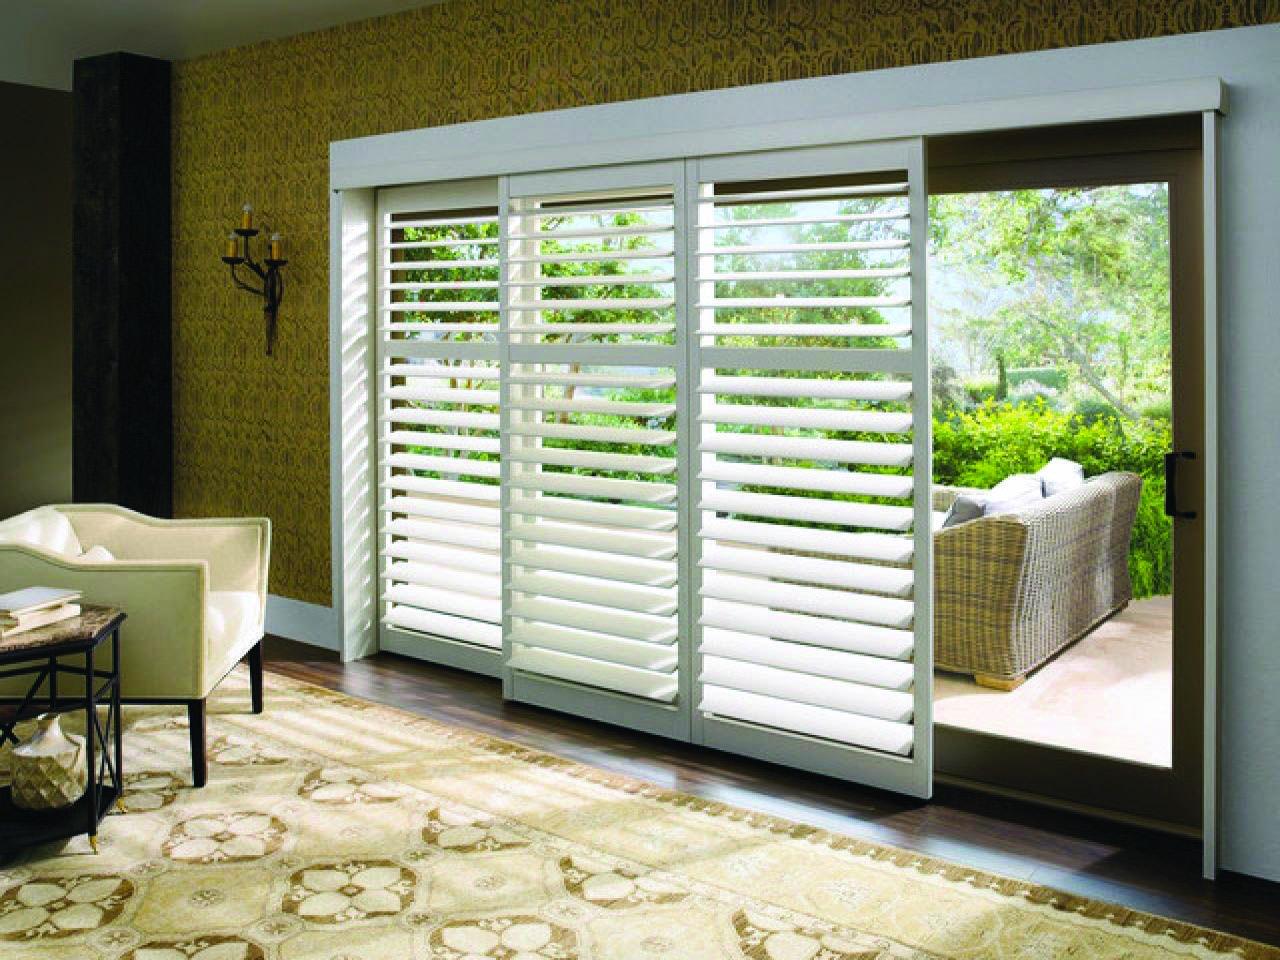 Moving Door Styles For Bedroom Patio Door Window Treatments Sliding Glass Door Window Sliding Glass Door Blinds